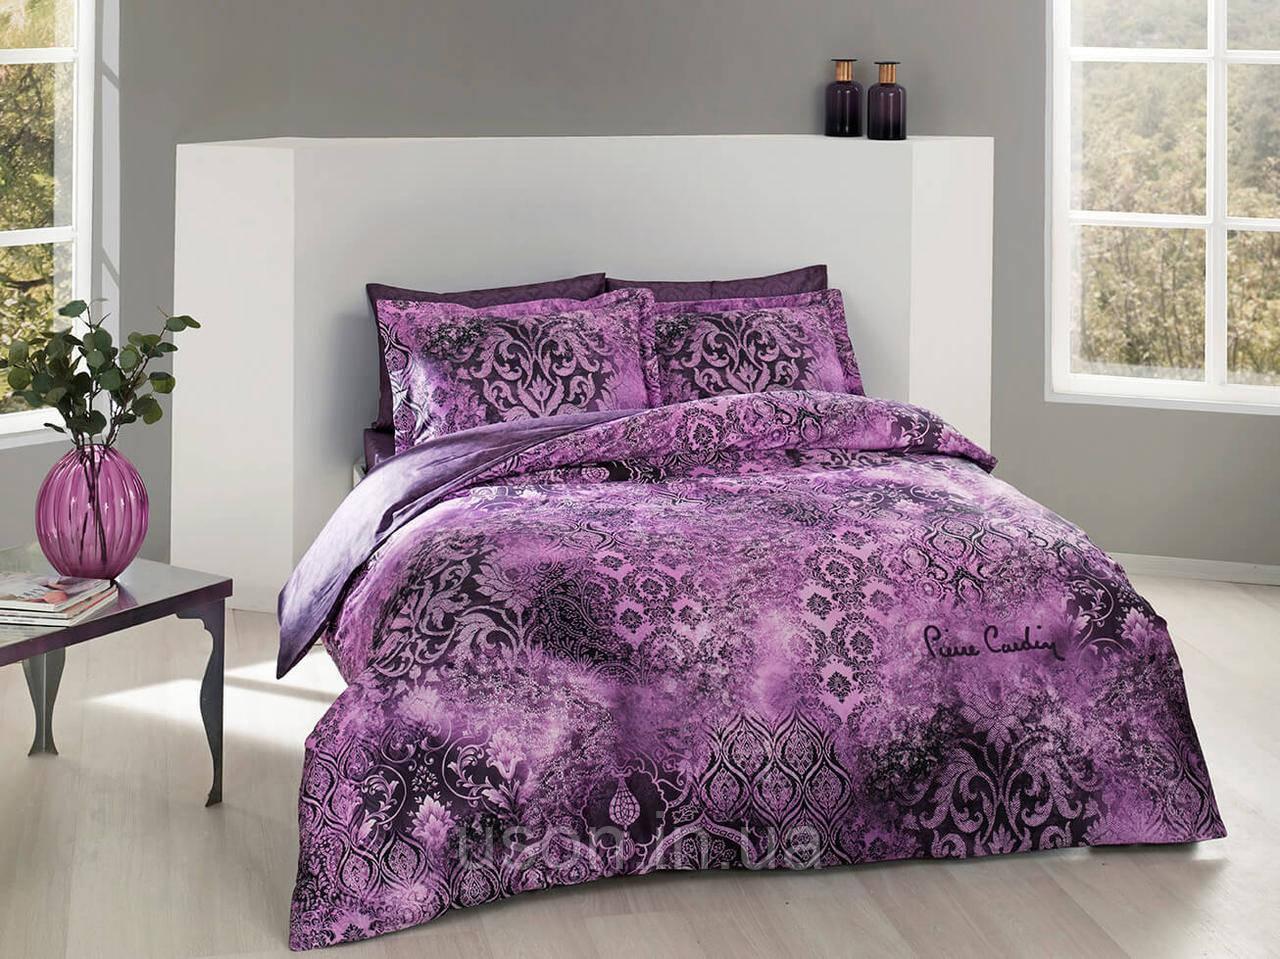 Комплект постельного белья сатин digital евро размер Pierre Cardin REGINA LILAC